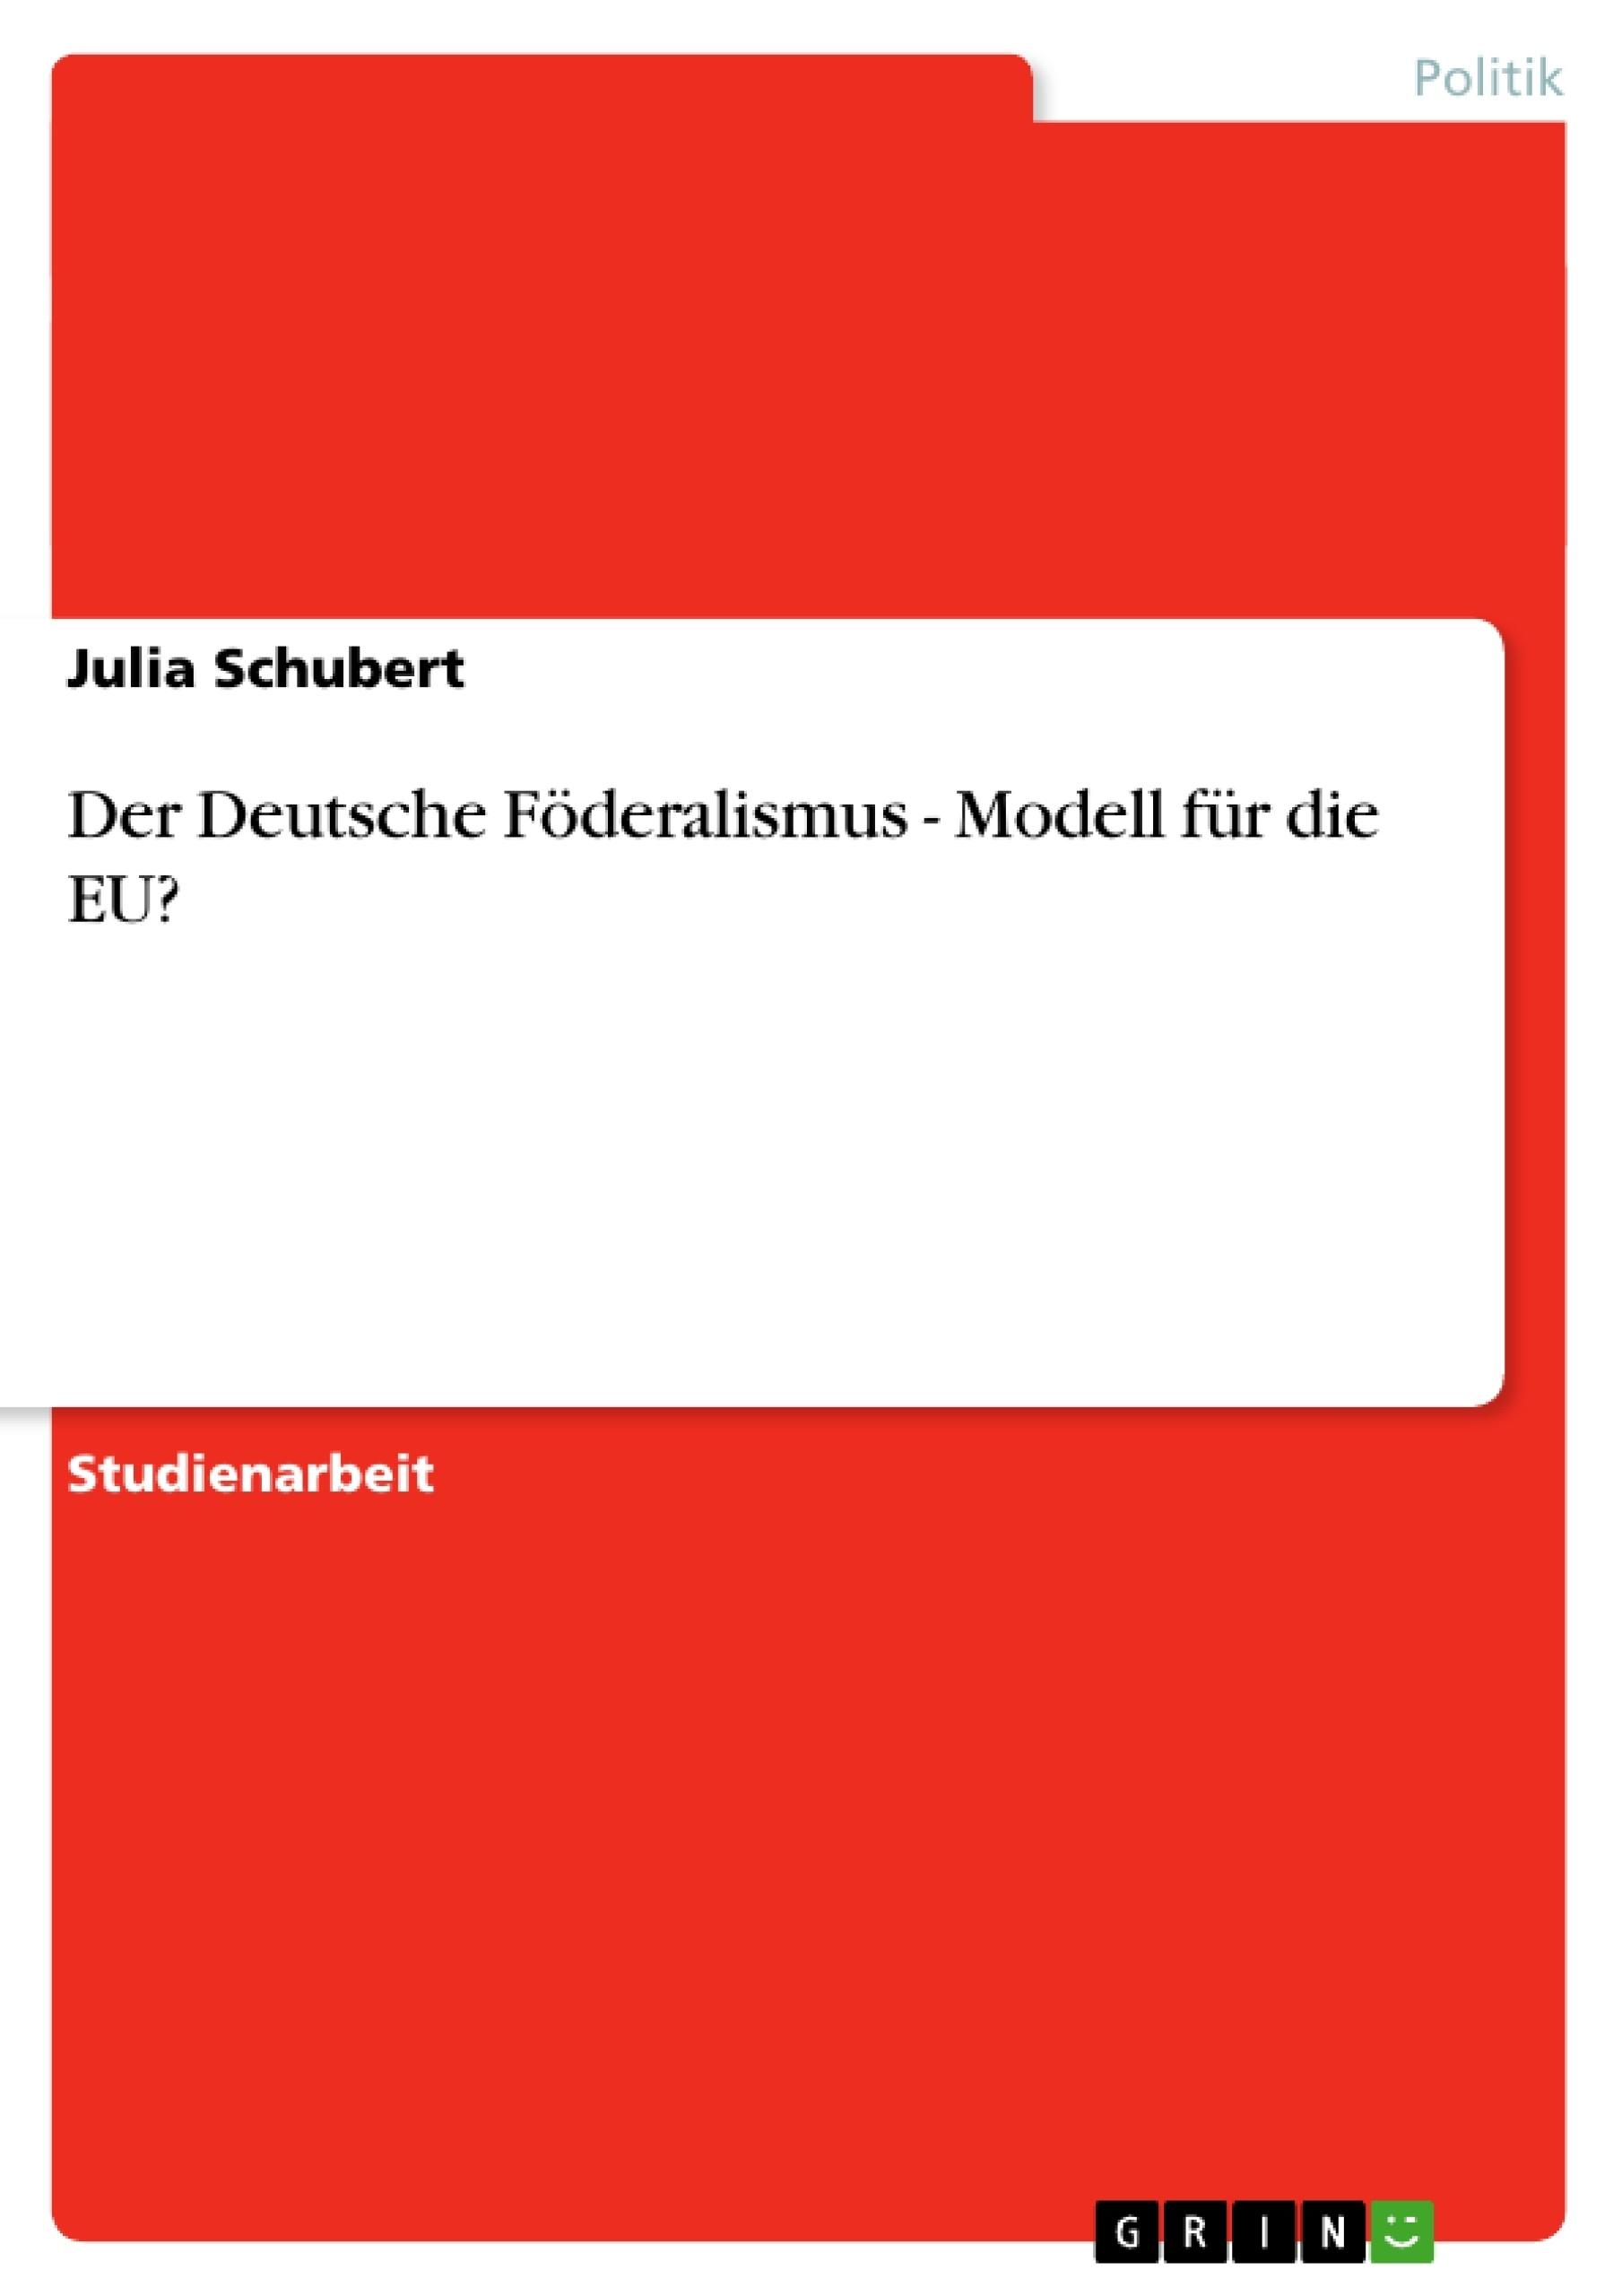 Titel: Der Deutsche Föderalismus - Modell für die EU?